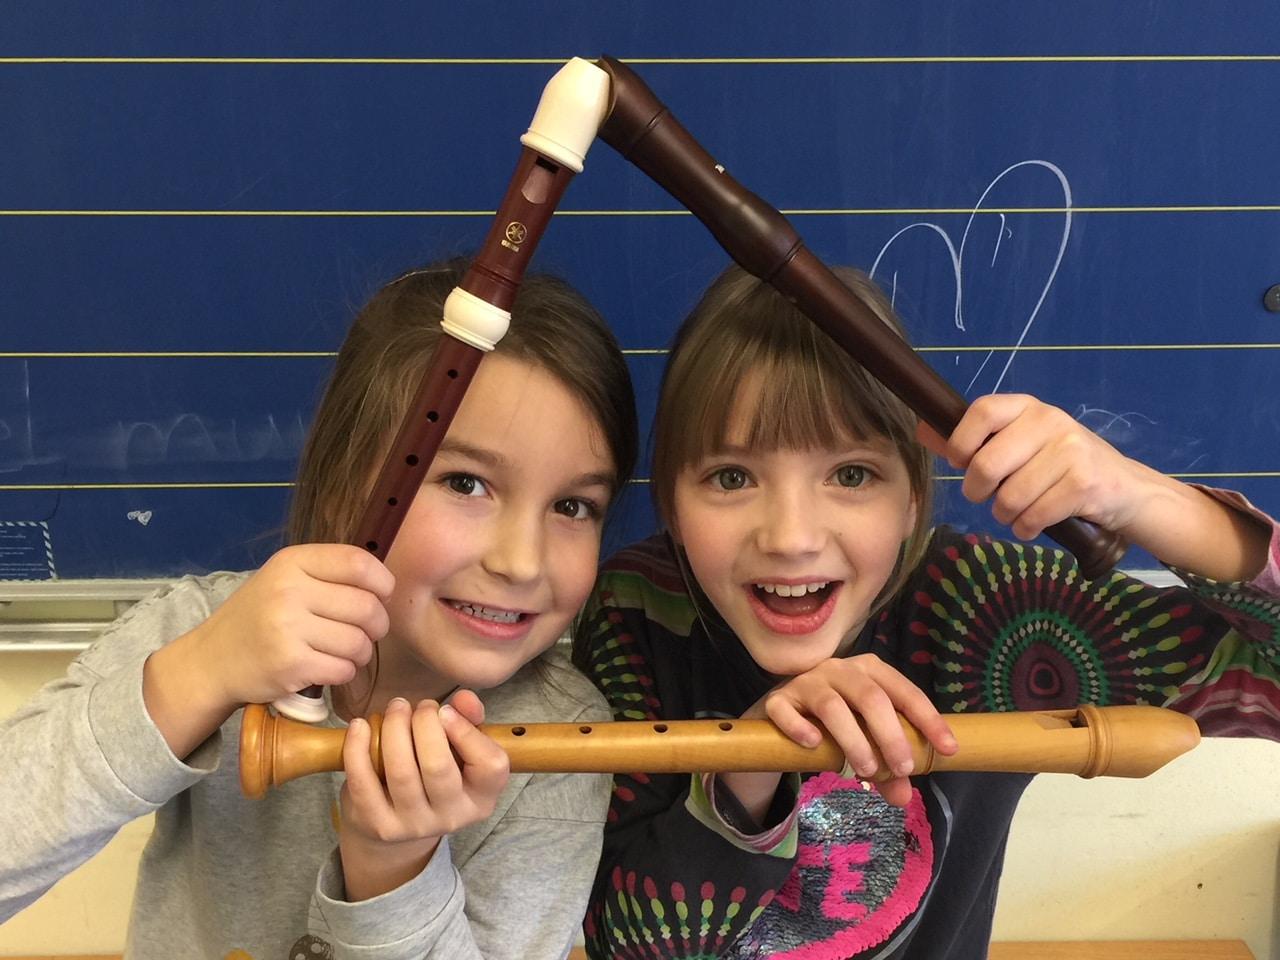 Zwei Kinder mit Blockflöten lustig